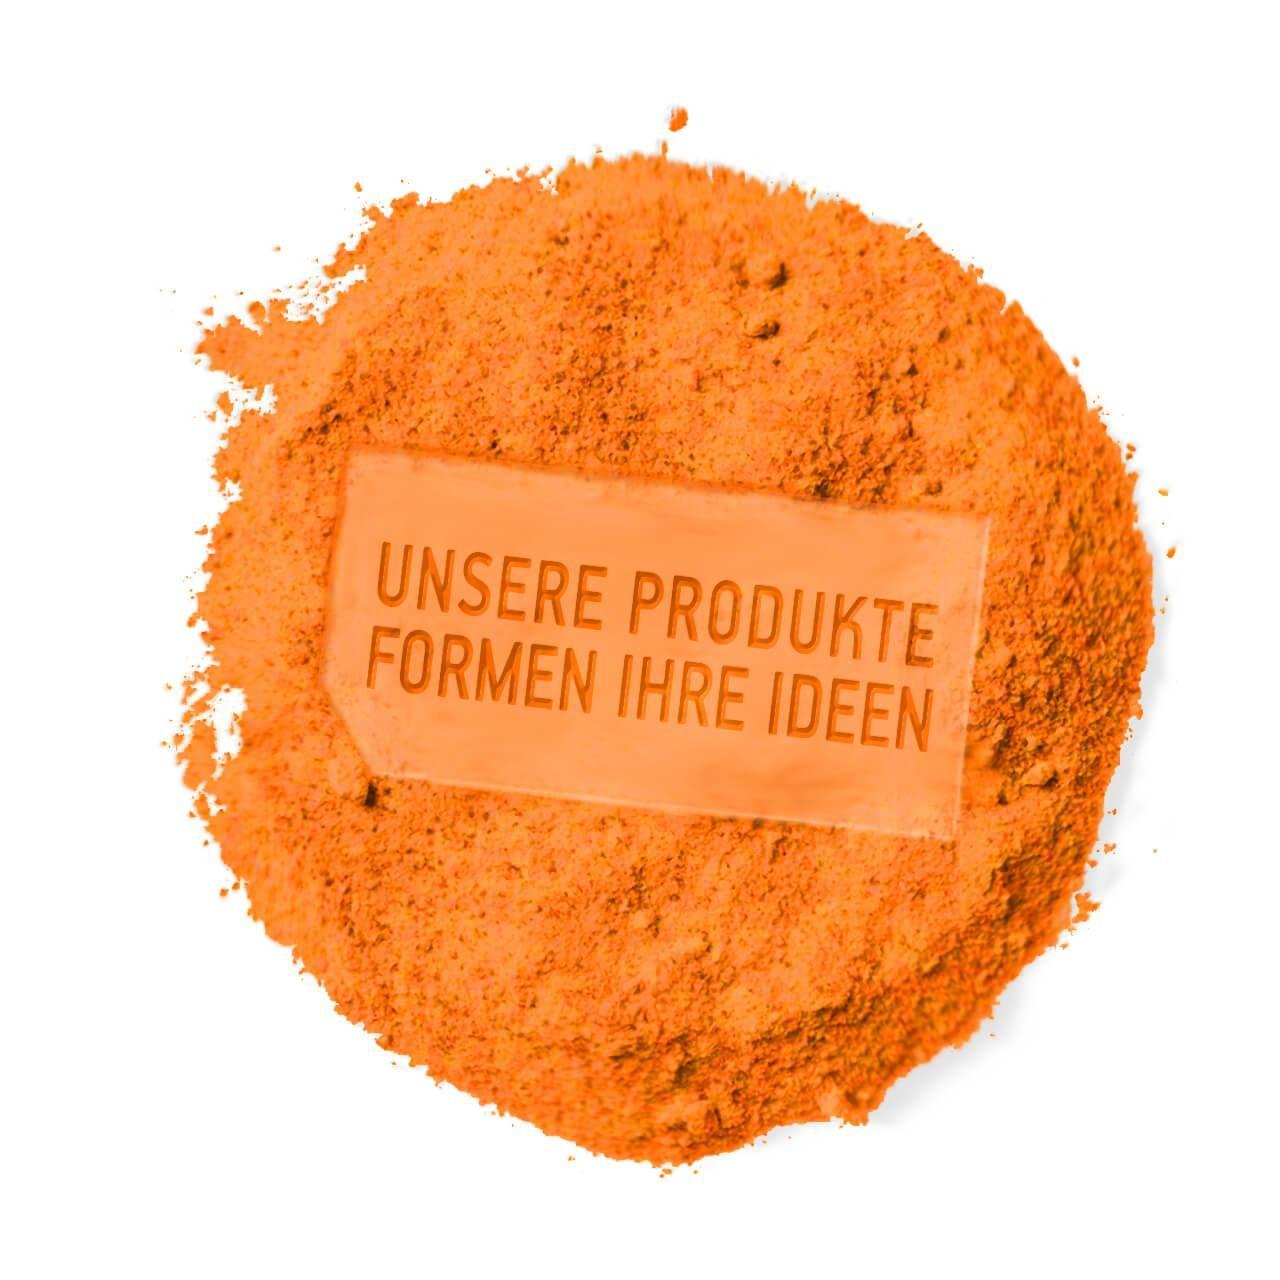 TFC Troll Factory Tagesleuchtpigmente I Fluoreszierende Pigmente für leuchtende Farben orange